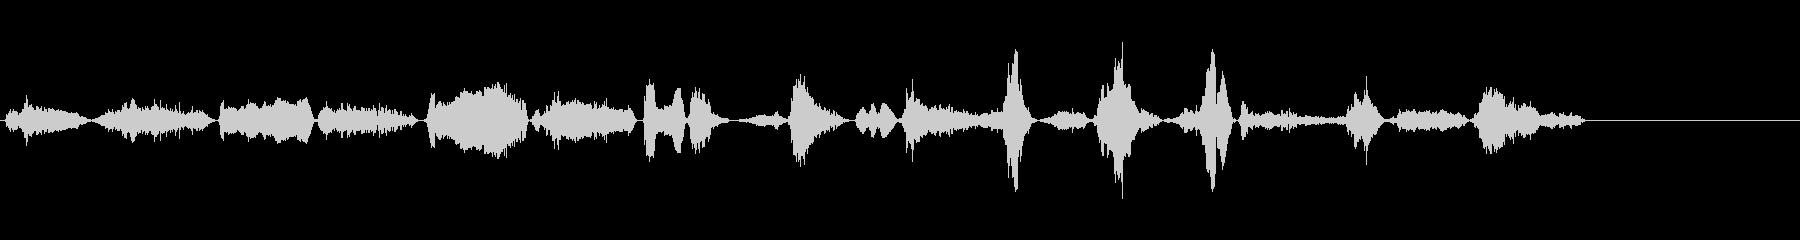 ゾンビ男性呼吸4の未再生の波形